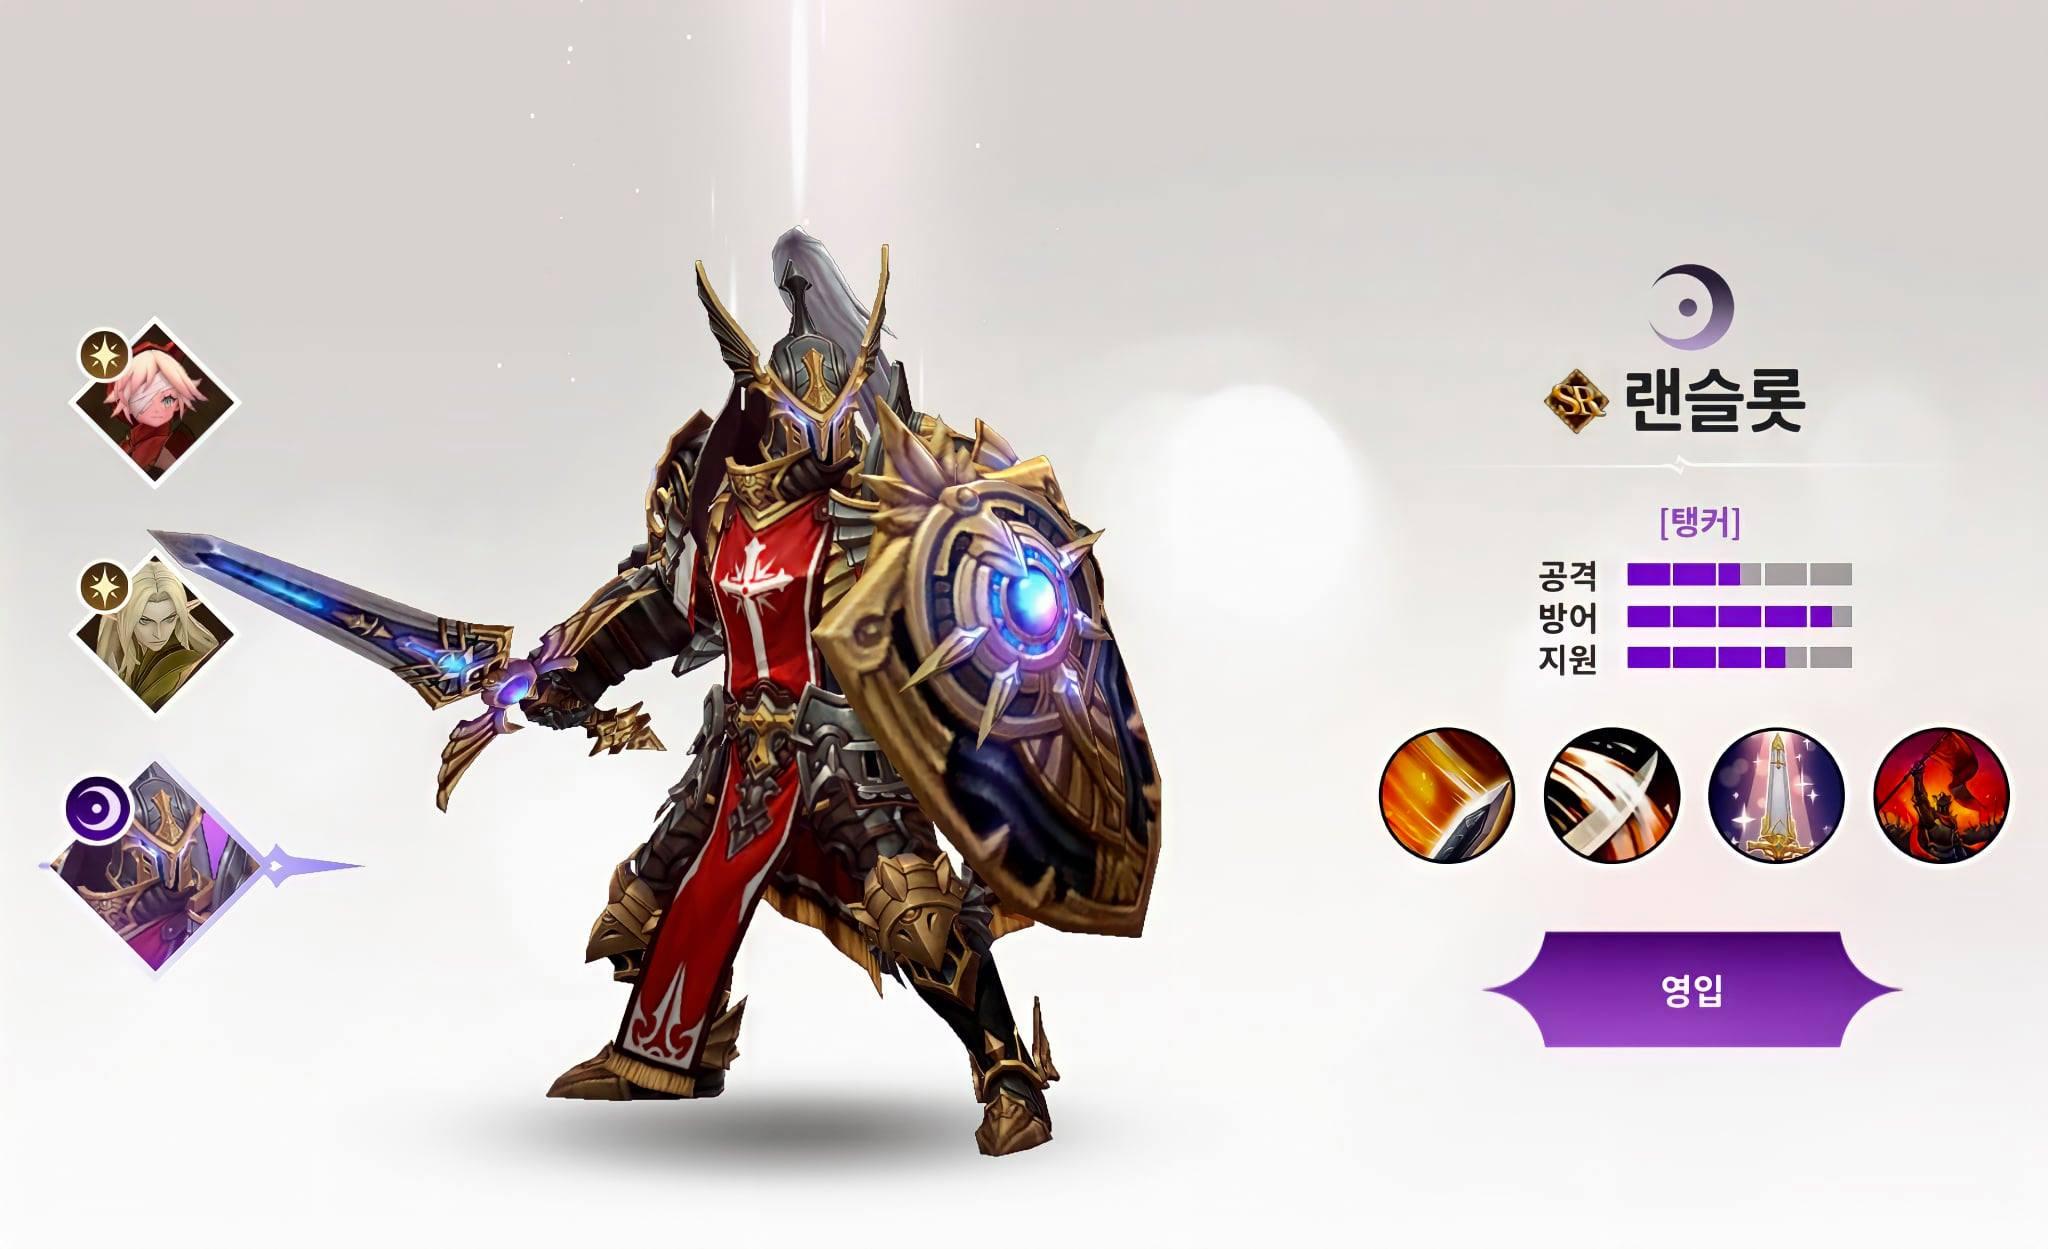 Epic Fantasy - Game nhập vai ảo diệu chính thức ra mắt ở Hàn Quốc 0